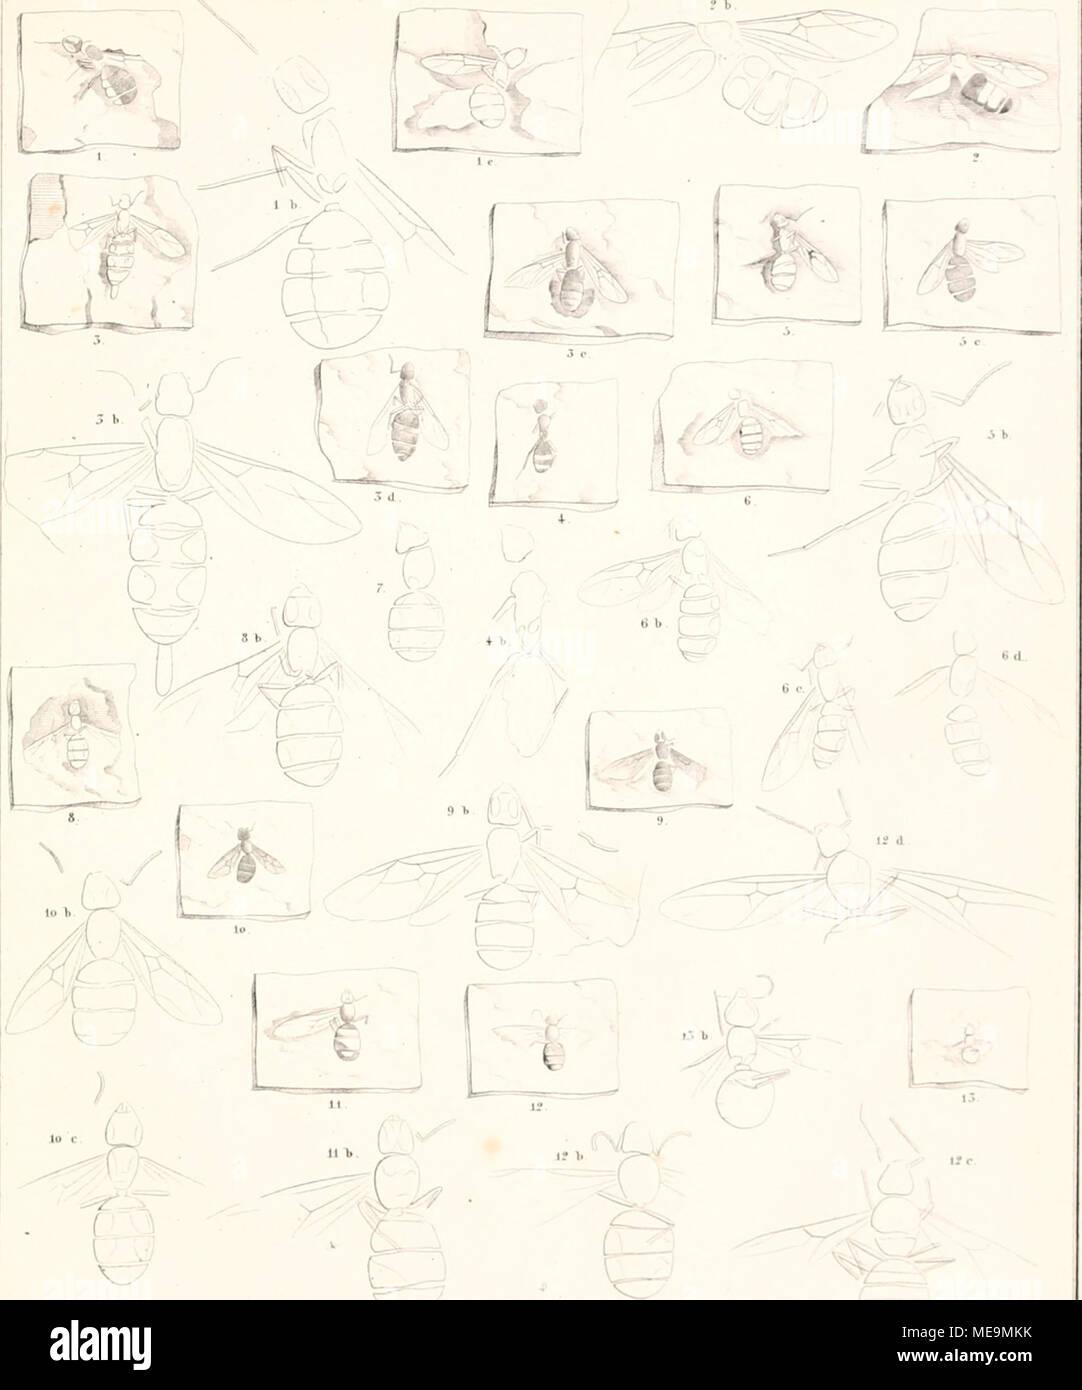 Erfreut Hirnnerv 8 Galerie - Anatomie Ideen - finotti.info